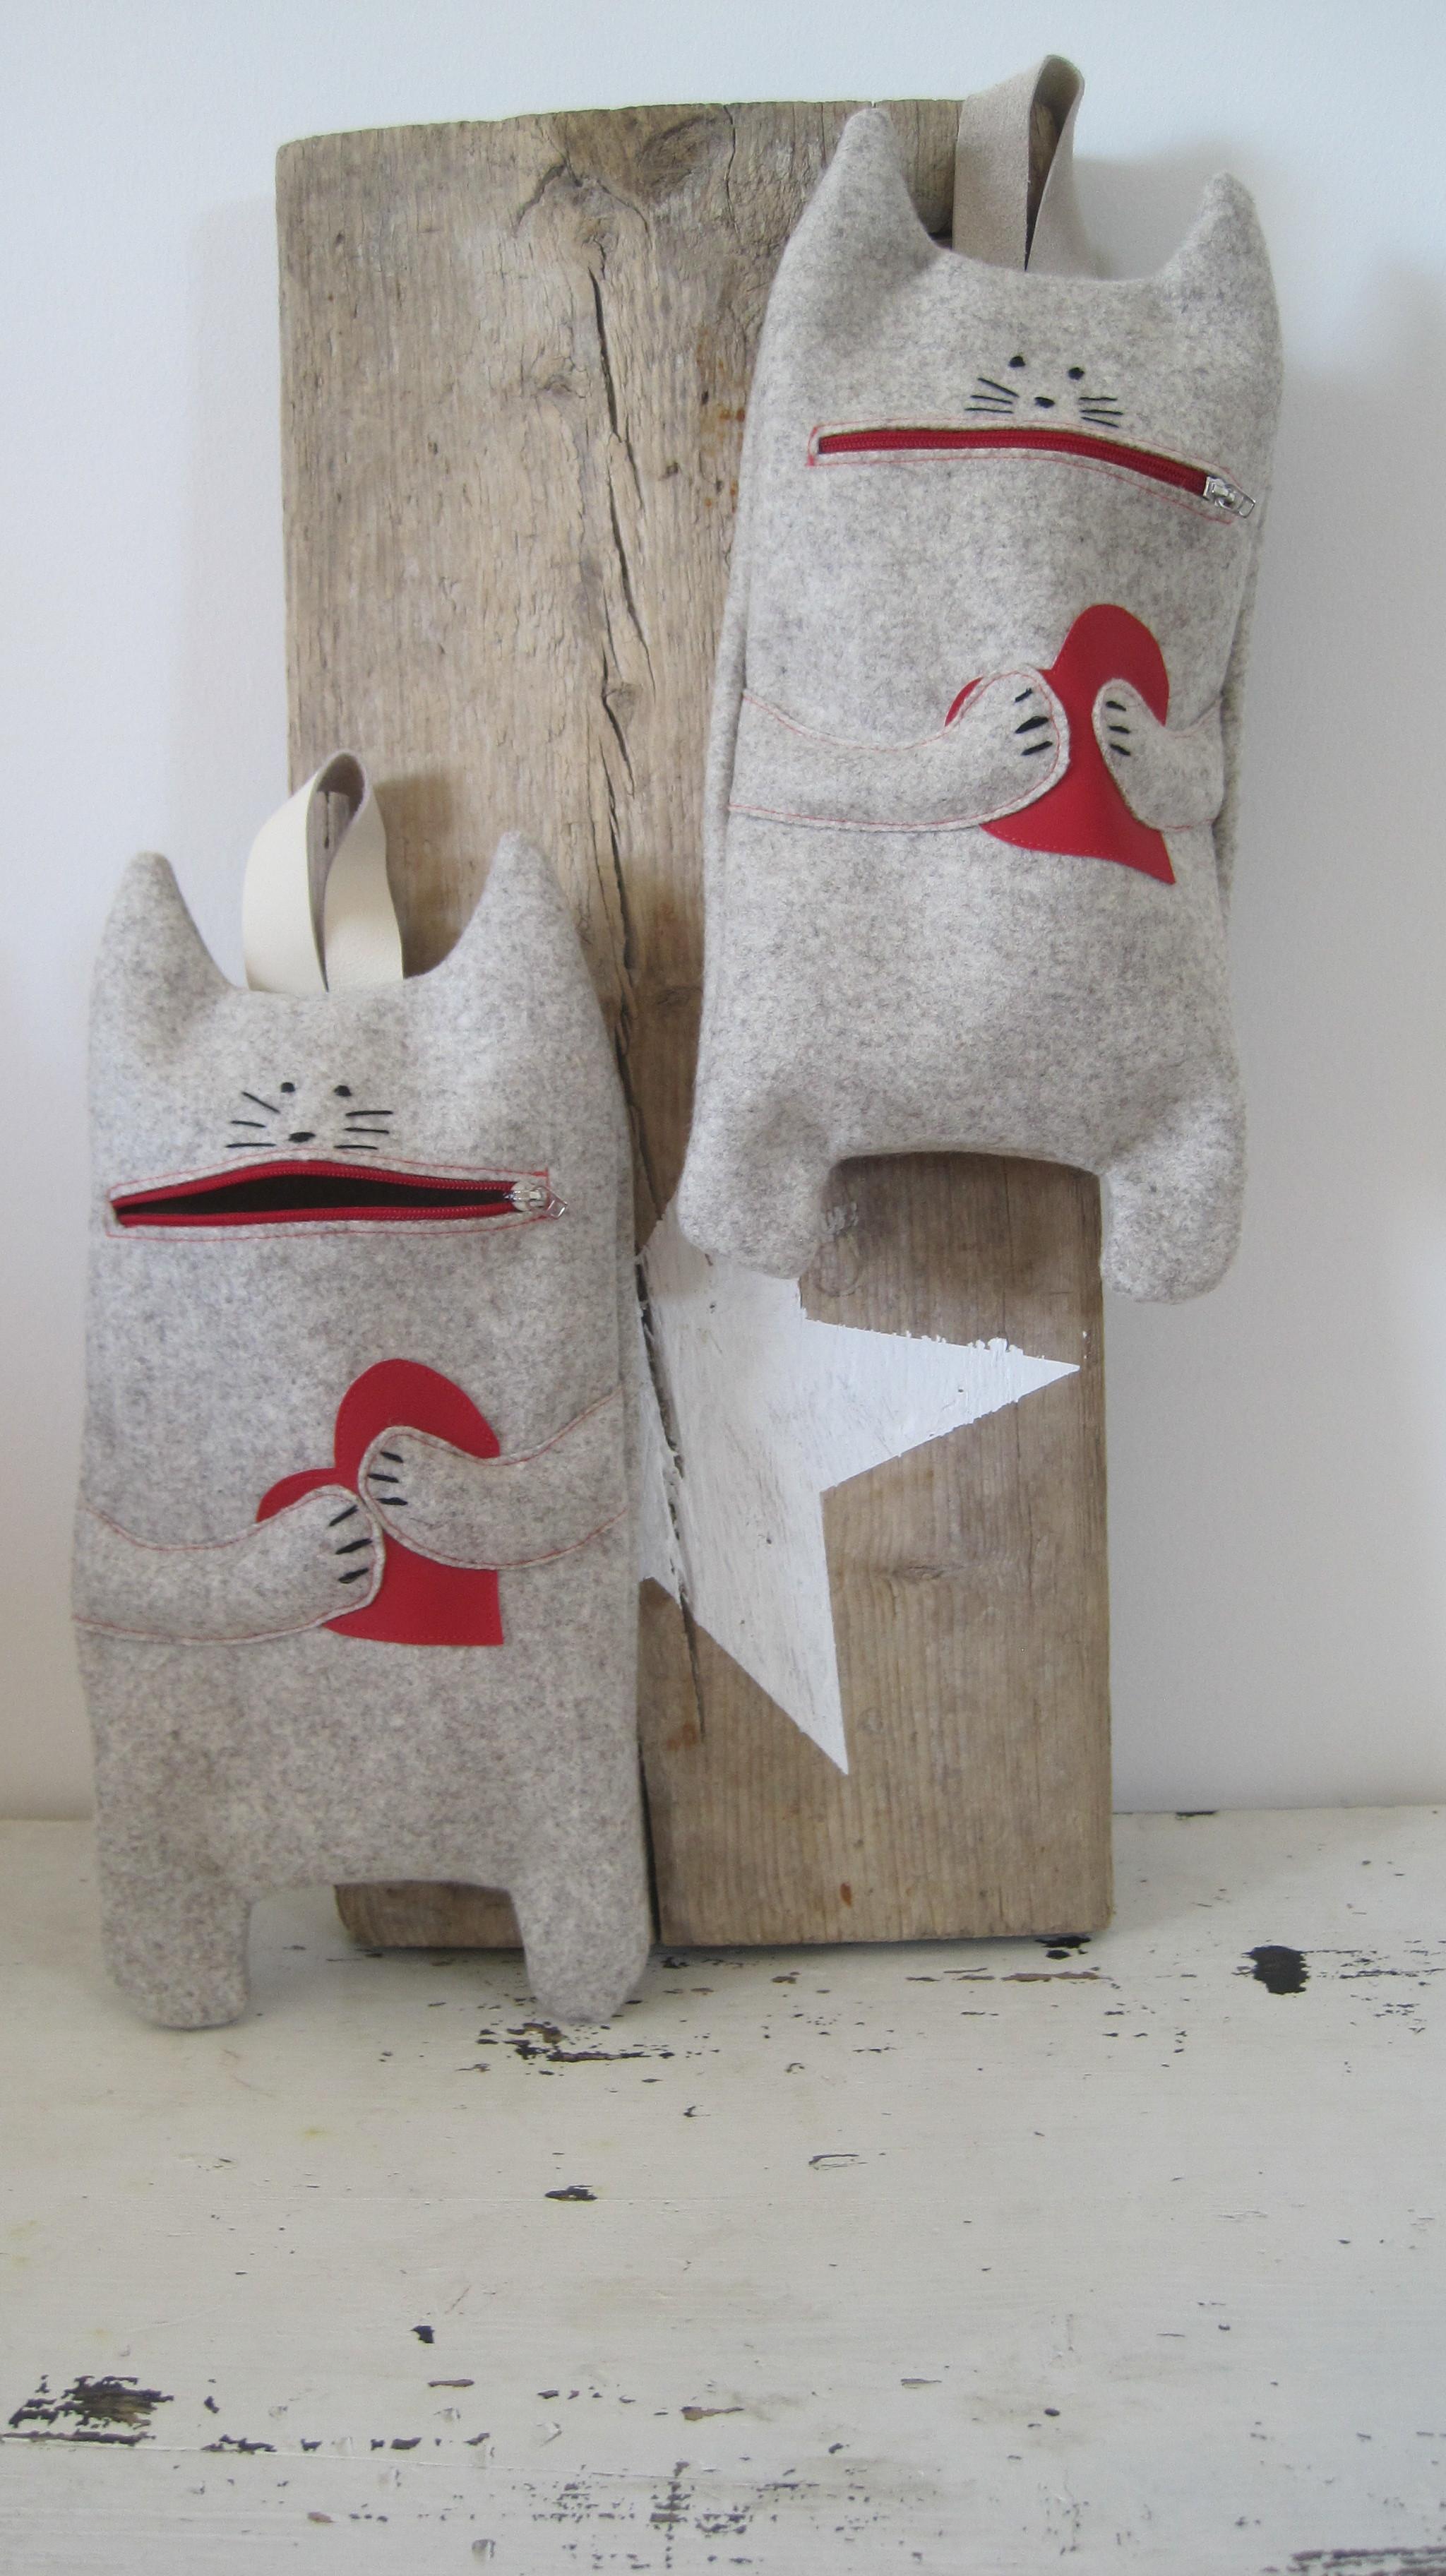 Katzensackel für Taschentücher und sonstigem Kramuri, aus hochwertigem Wollfilz, 19,-€